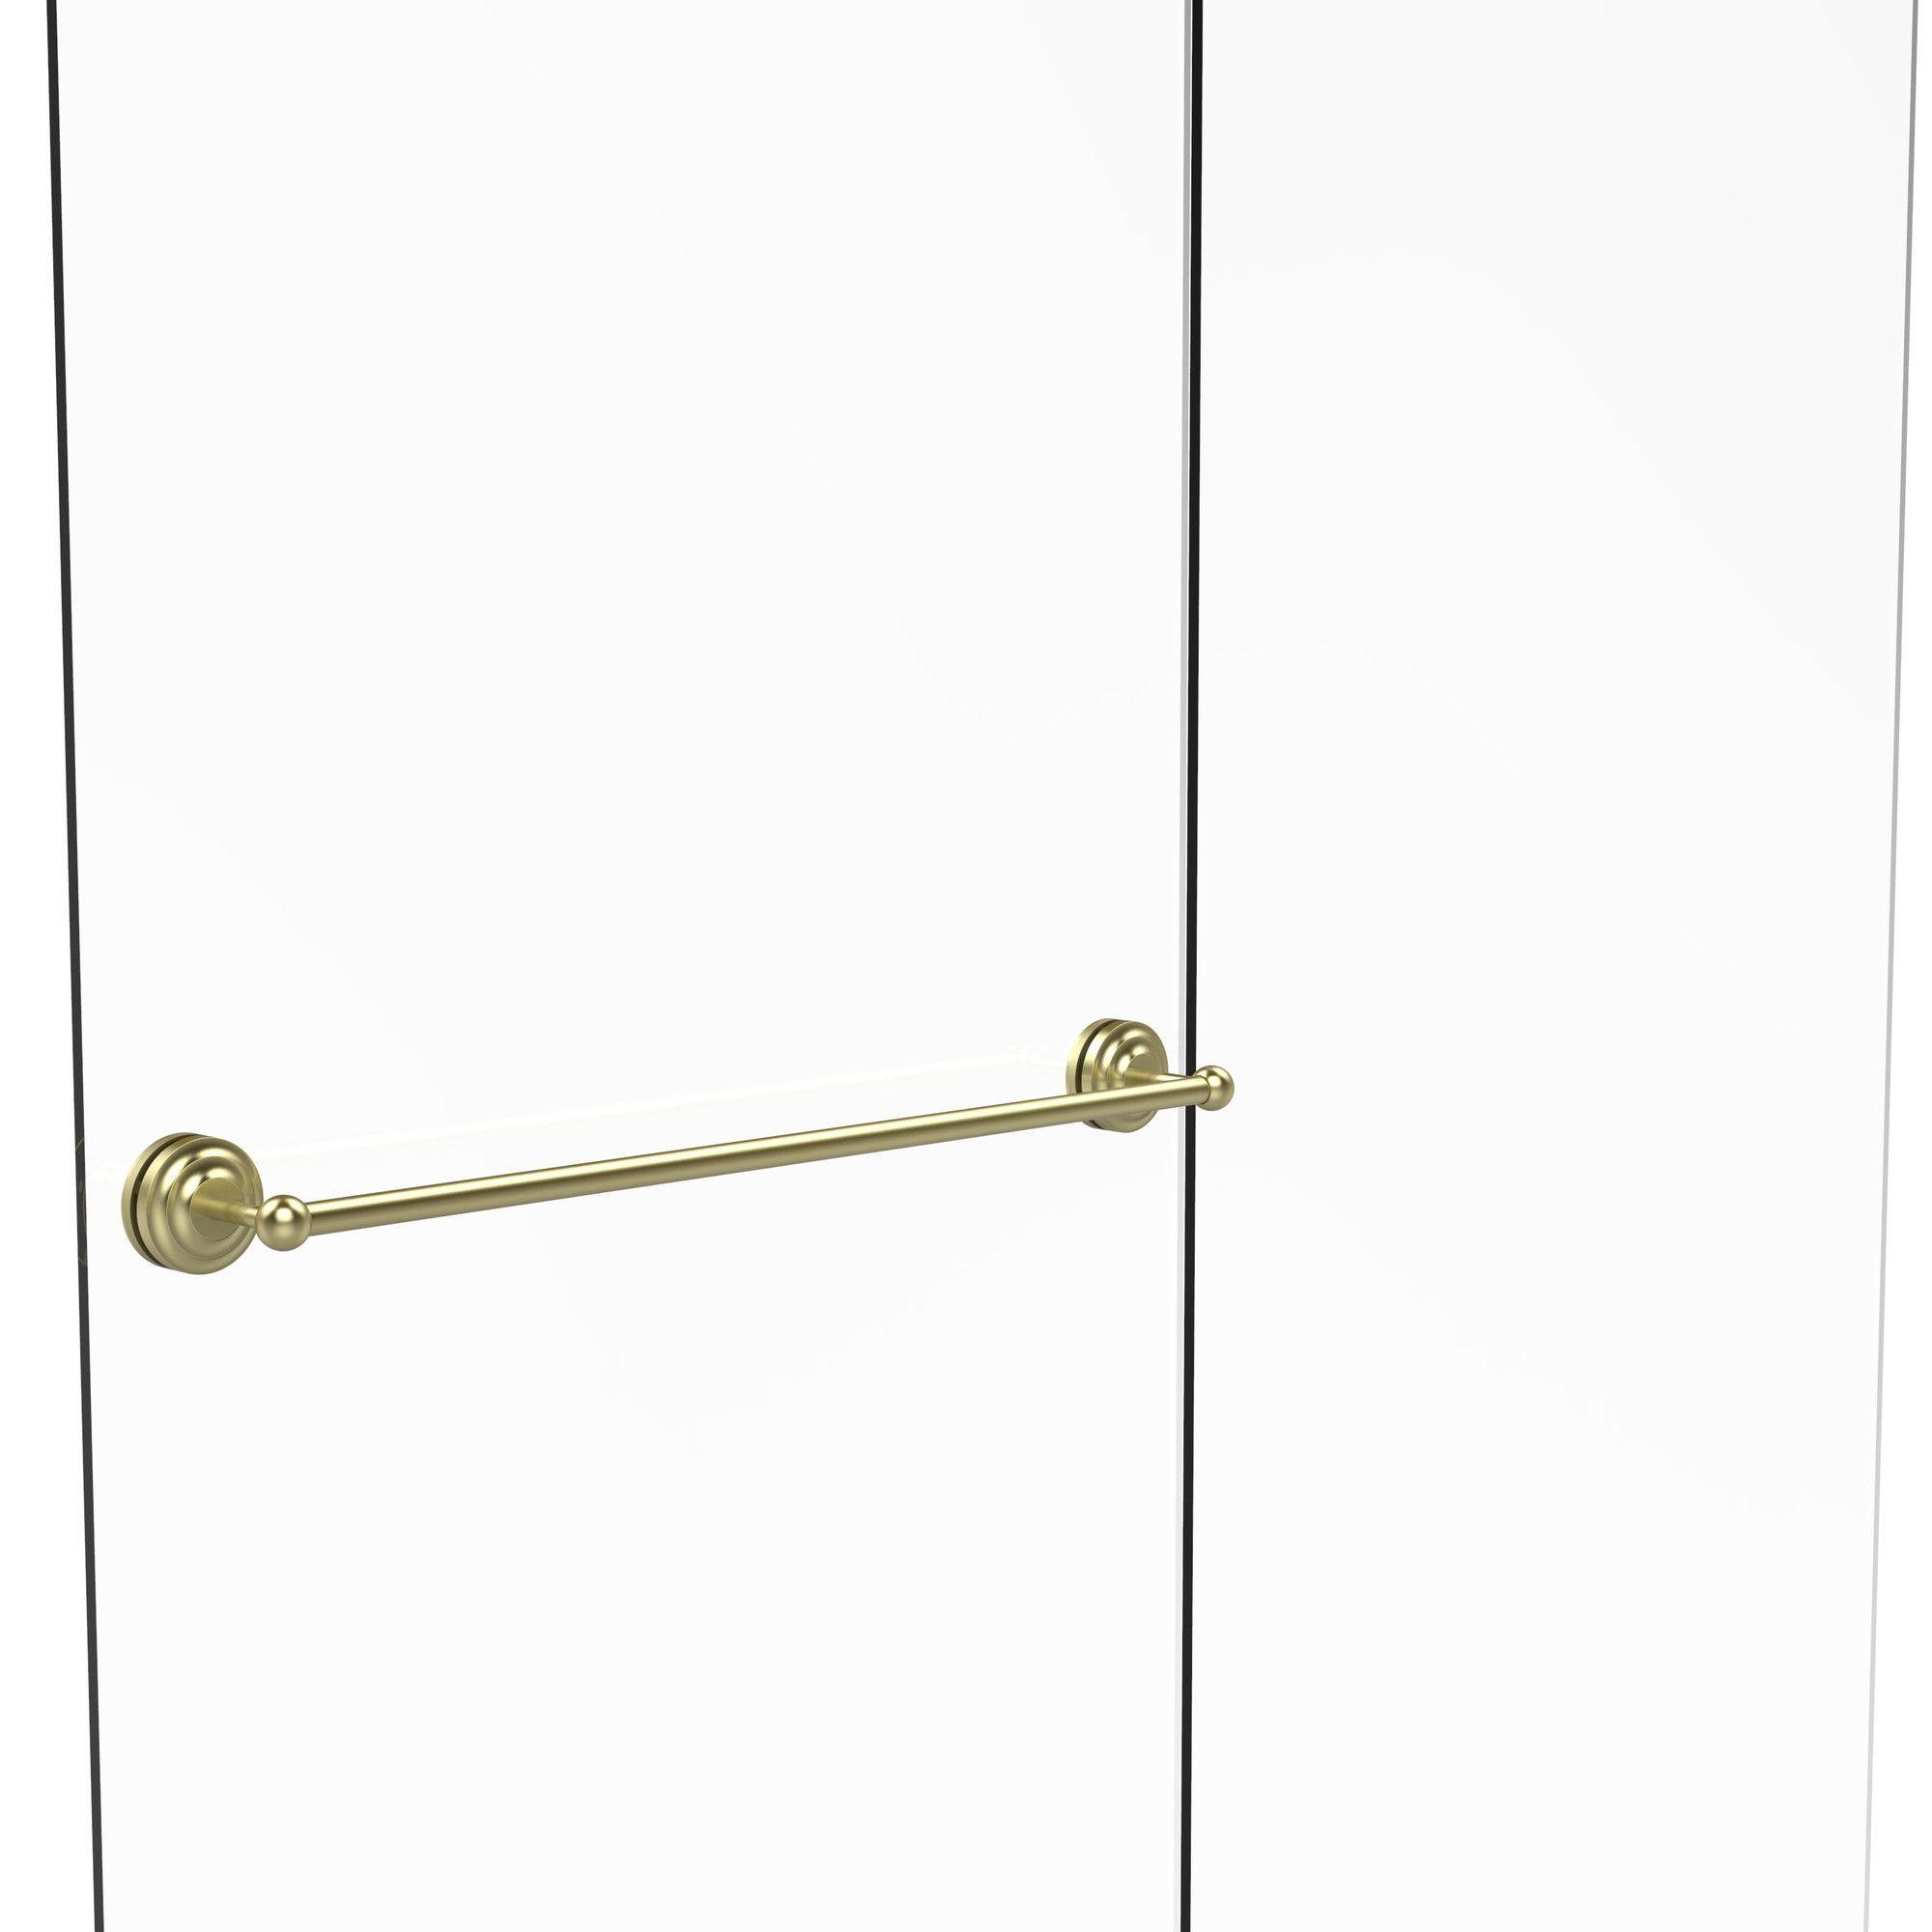 Que New 33 Wall Mounted Towel Bar Shower Doors Towel Bar Glass Shower